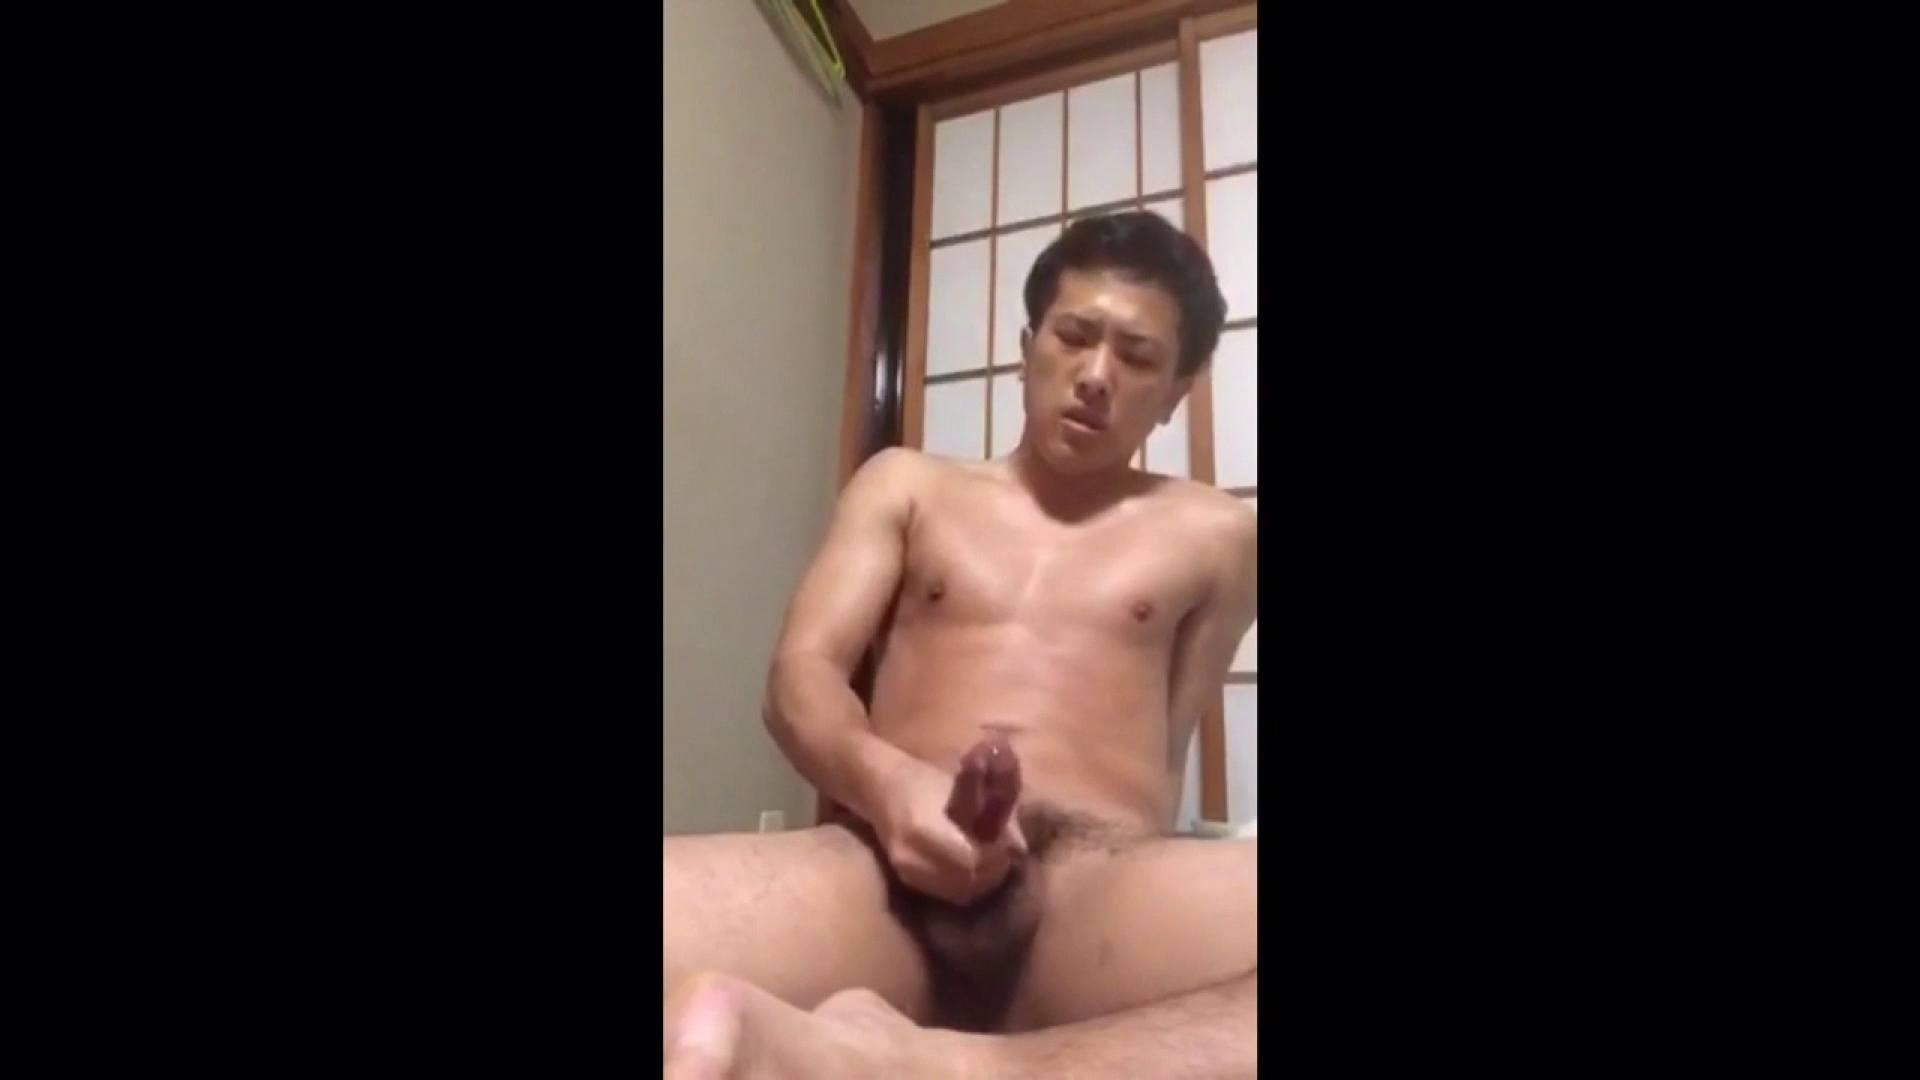 個人撮影 自慰の極意 Vol.25 ゲイのオナニー映像  75枚 65